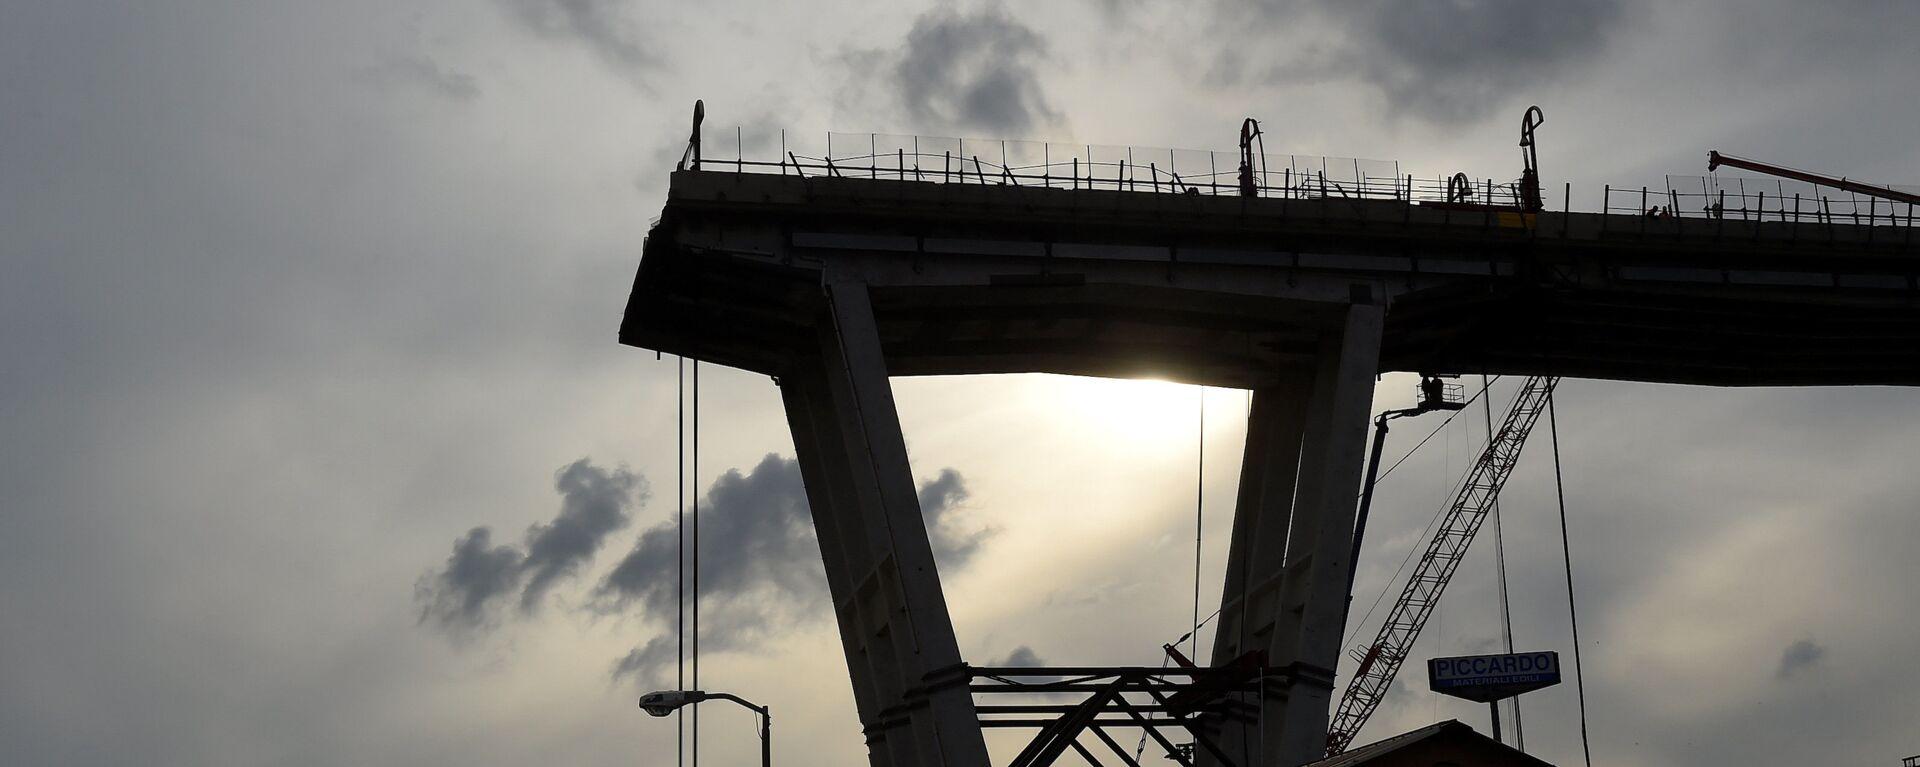 La ricostruzione del ponte Morandi - Sputnik Italia, 1920, 09.02.2019